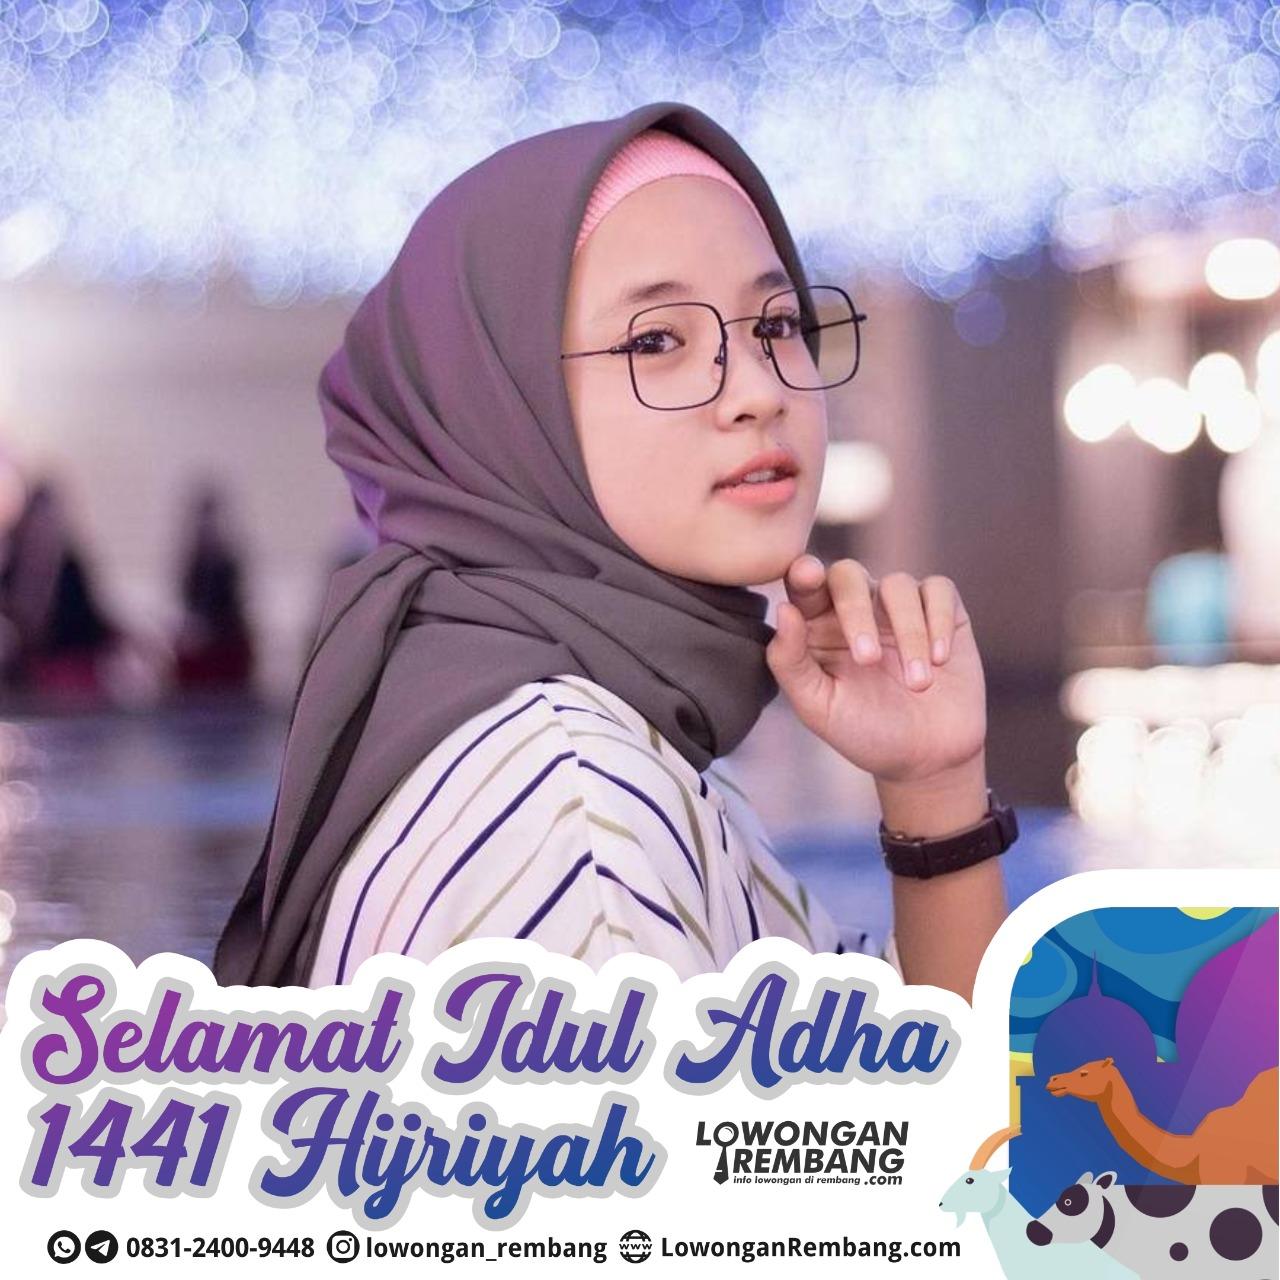 Buat Ucapan Selamat Idul Adha 1441 Hijriyah / 2020 Masehi Versi Foto Ter-Kece-mu